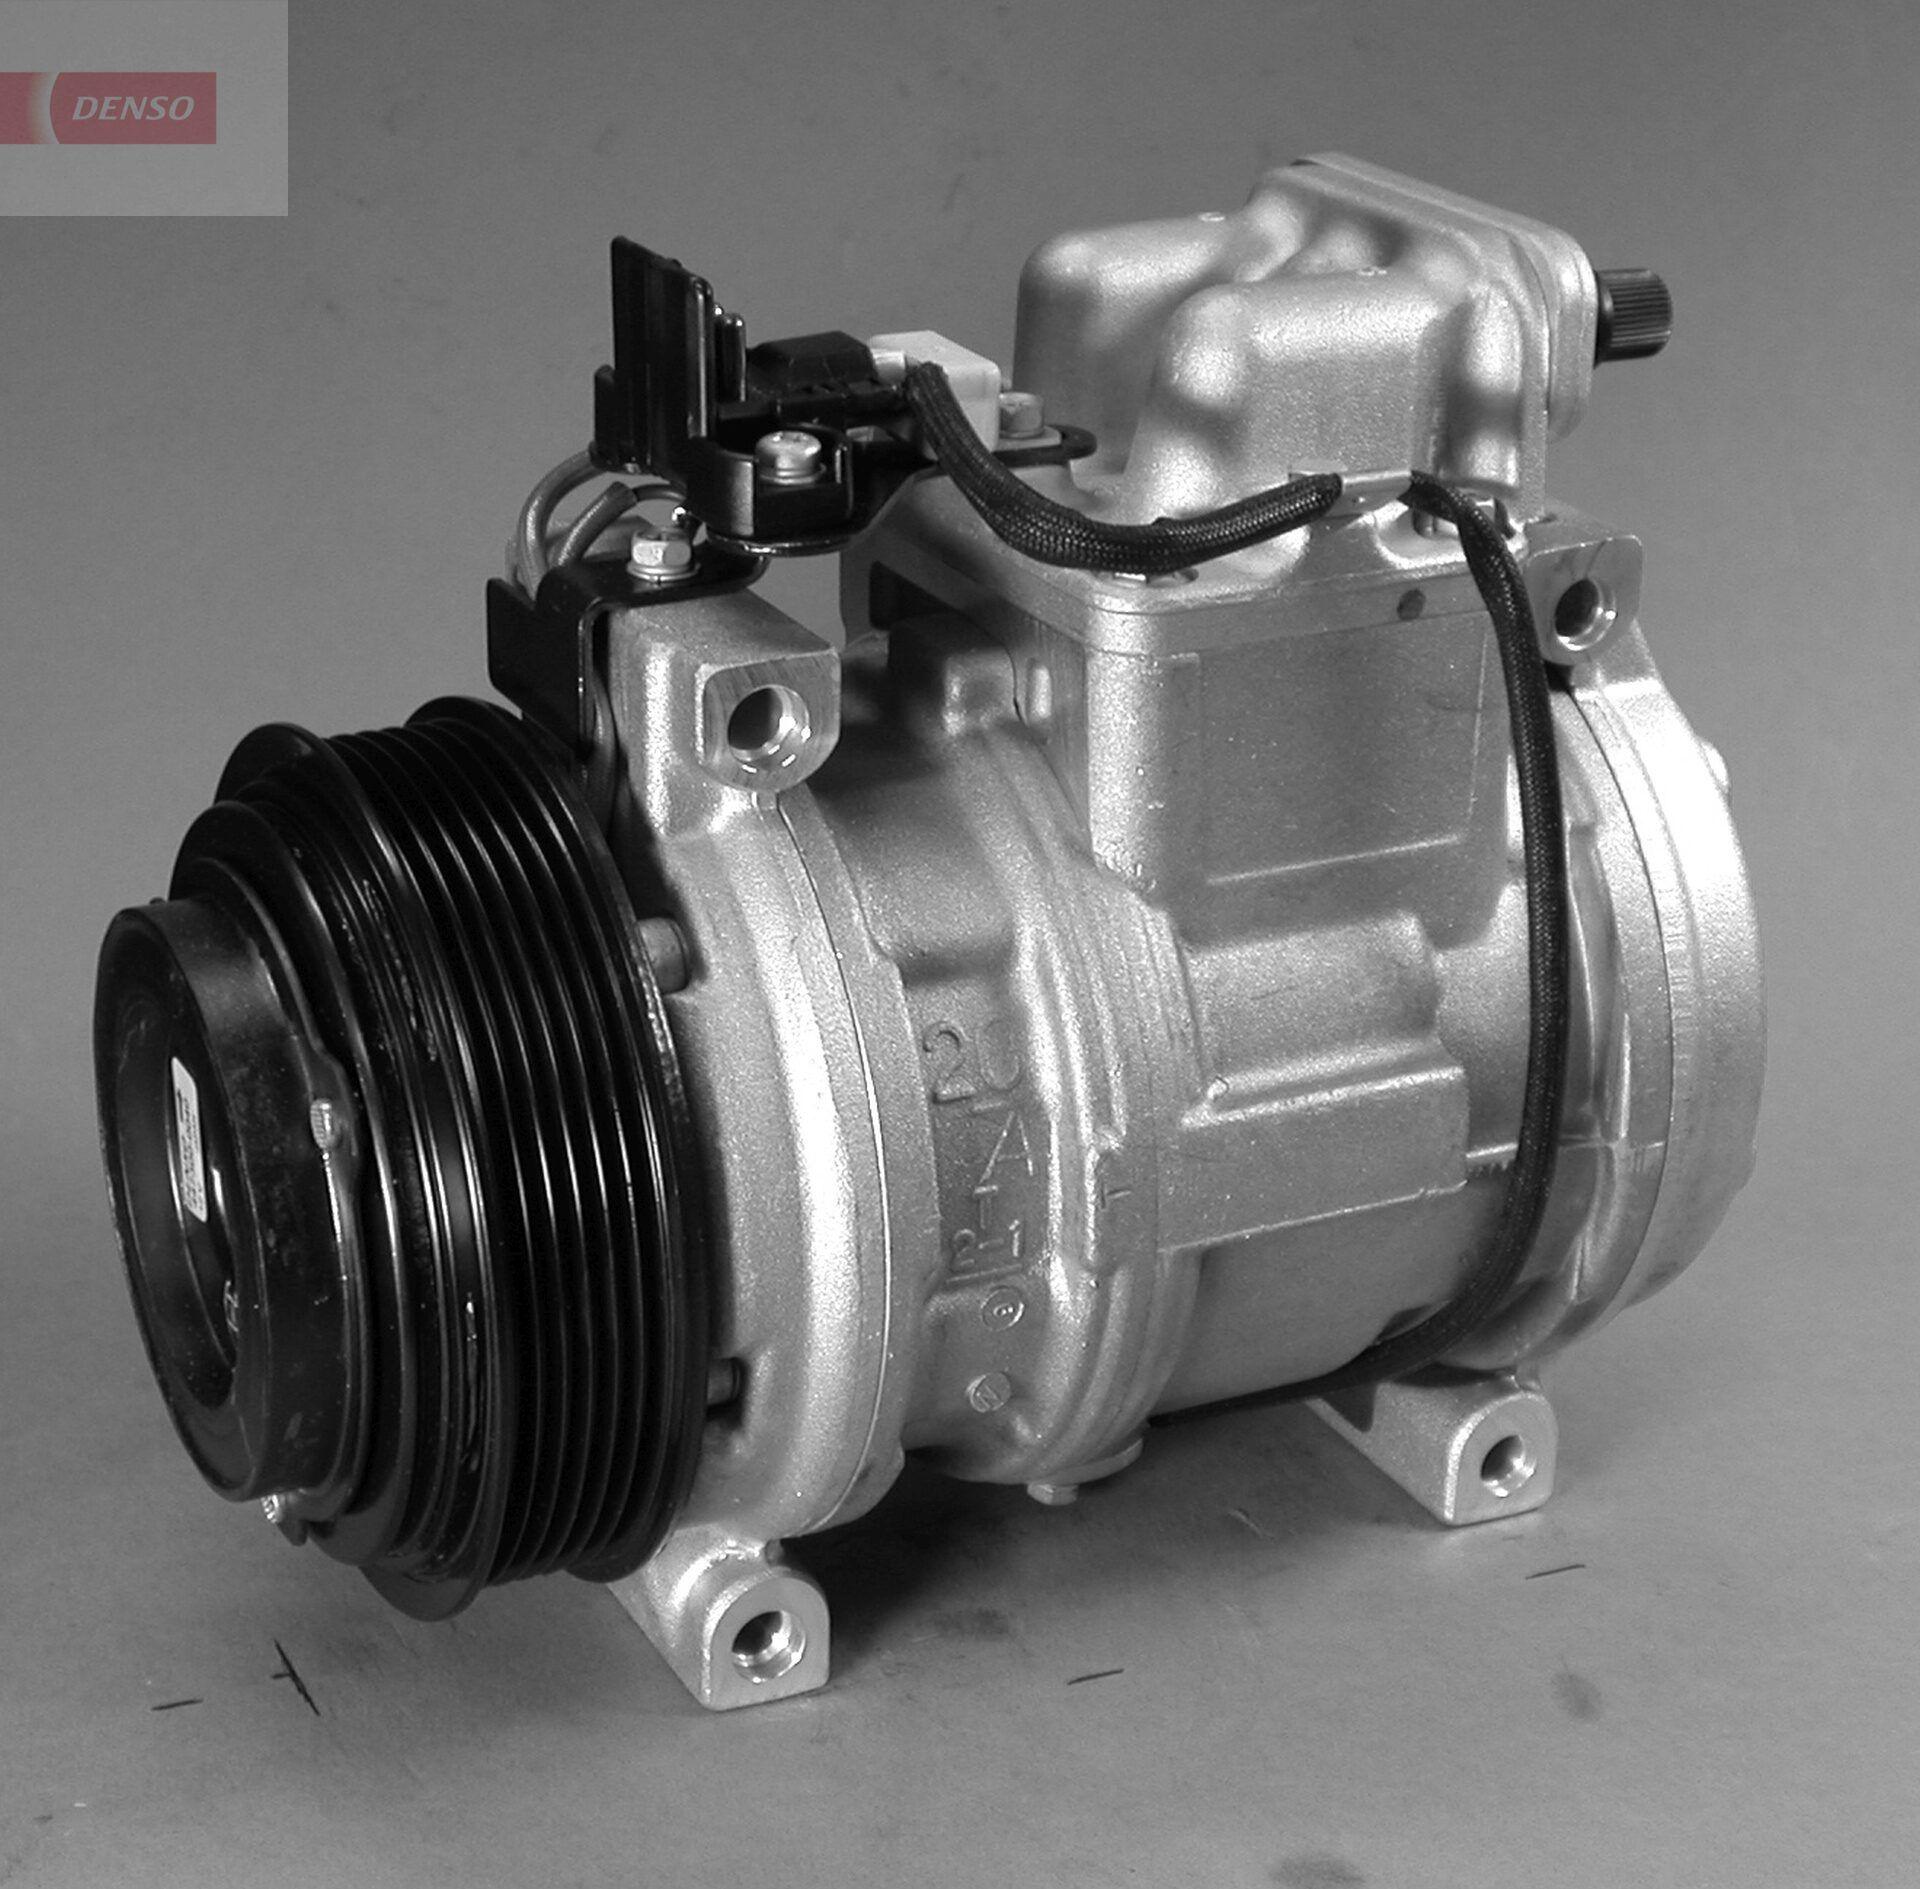 DCP17005 DENSO PAG 46, Kältemittel: R 134a Riemenscheiben-Ø: 120mm, Anzahl der Rillen: 6 Klimakompressor DCP17005 günstig kaufen